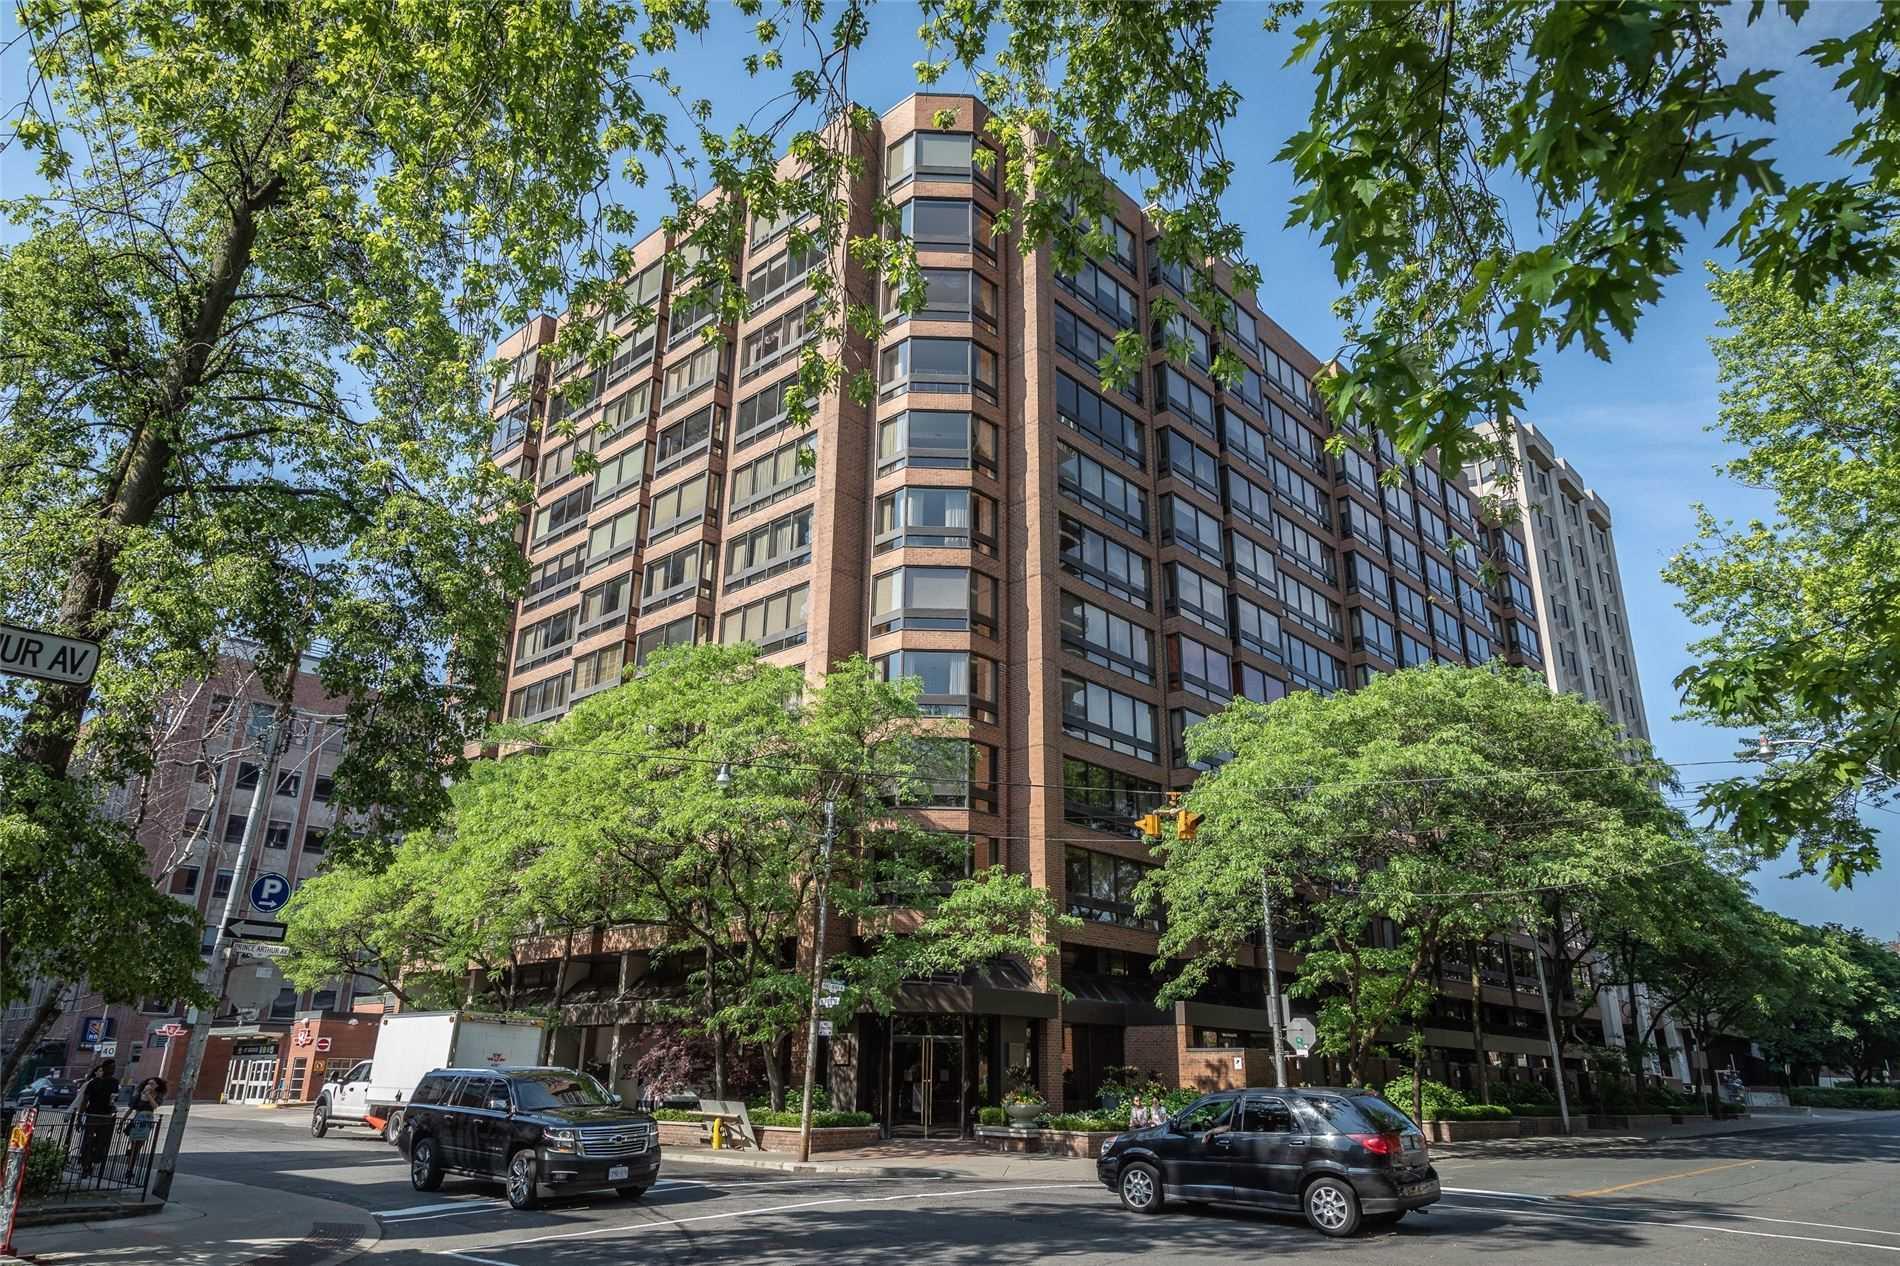 House For Sale Unit 604, 55 Prince Arthur Ave, M5R1B3, Annex, Toronto